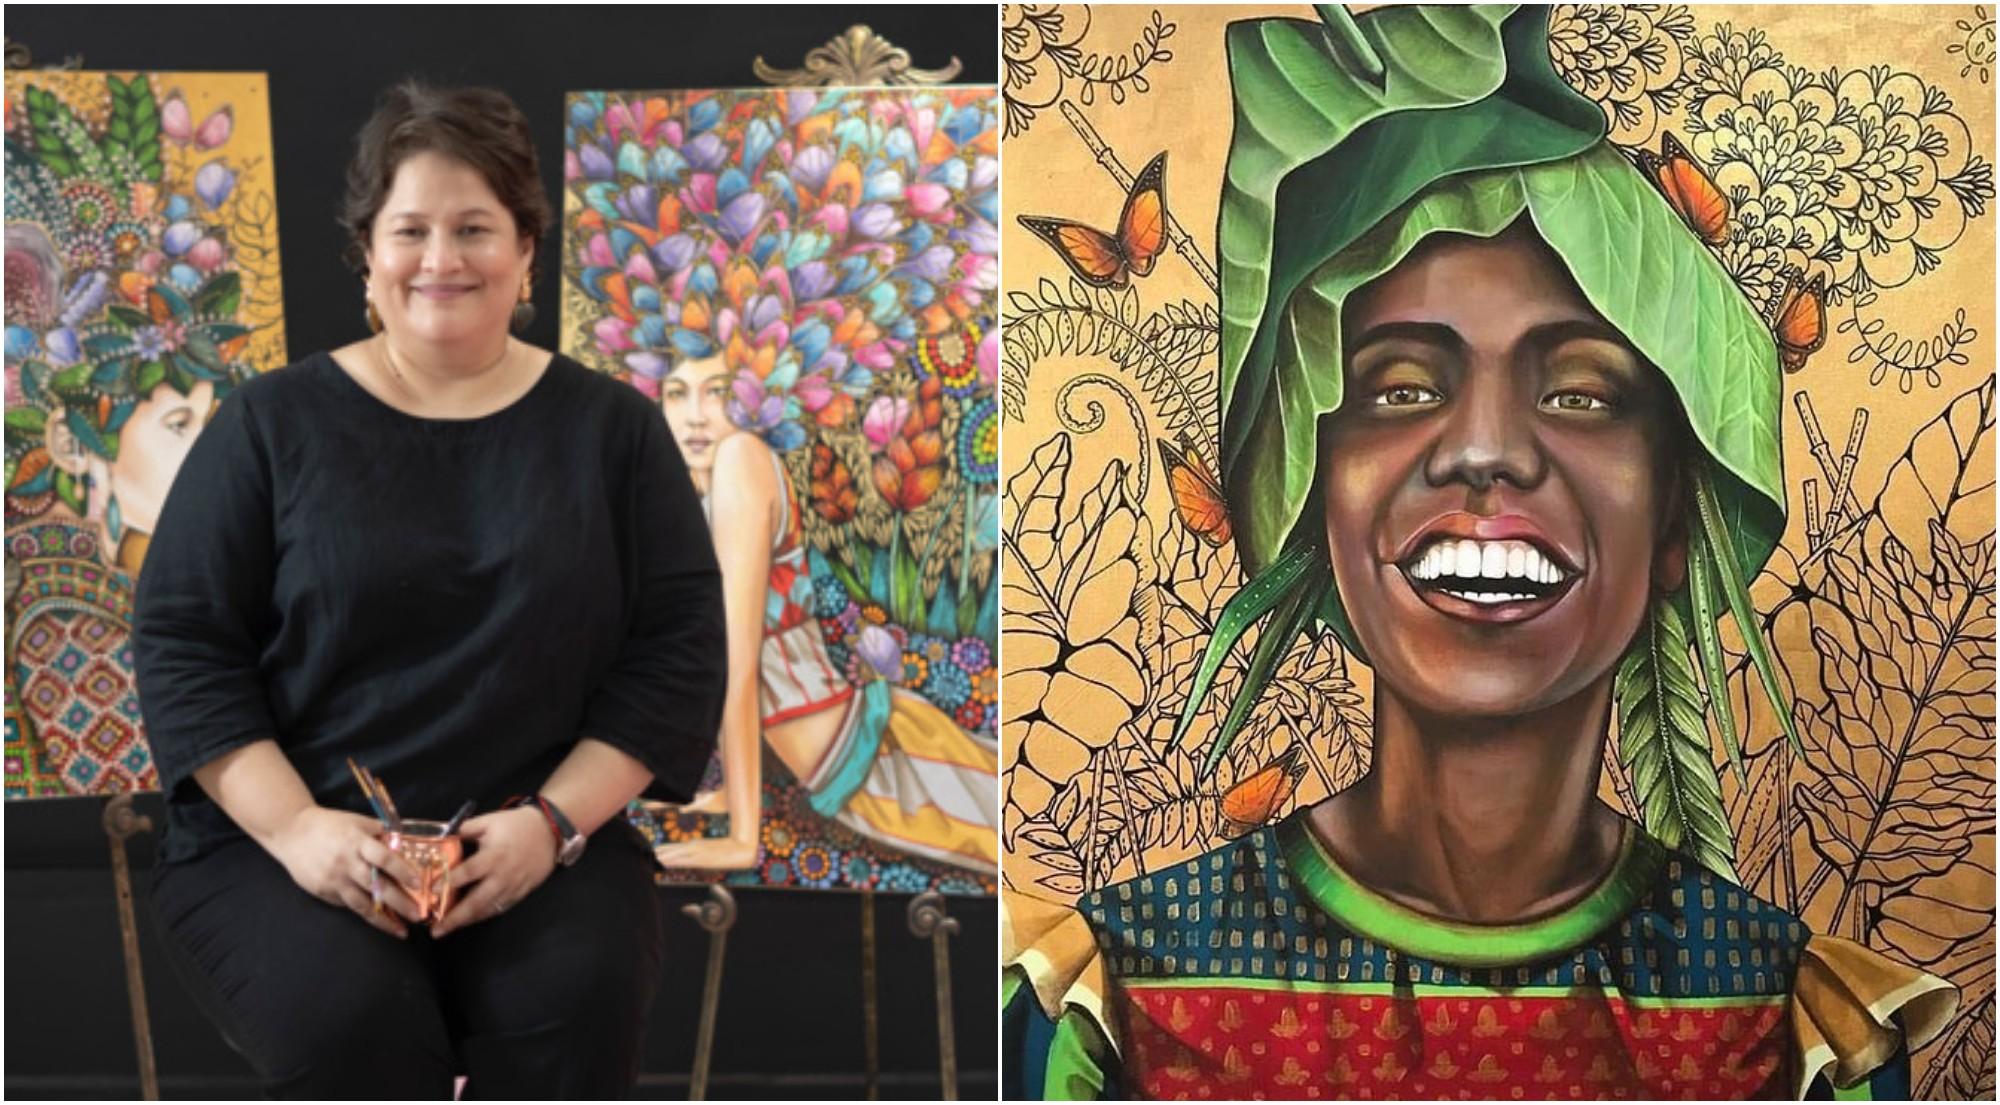 Hondureña Leticia Banegas destaca internacionalmente con su arte